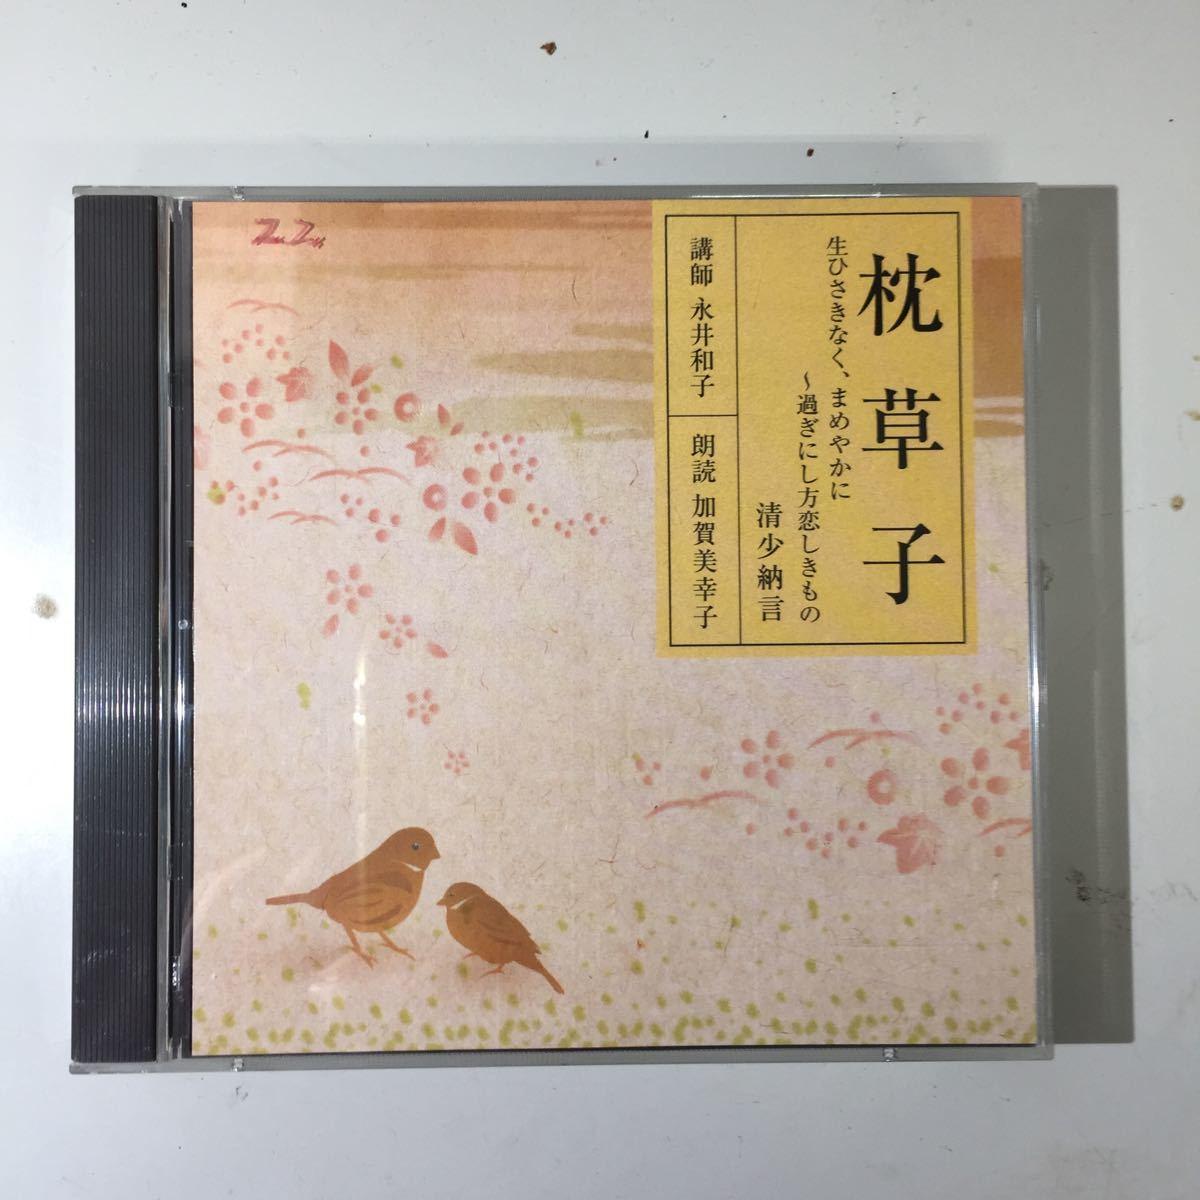 枕草子CD 生ひさきなく、まめやかに 過ぎにし方恋しきもの 清少納言 二枚組